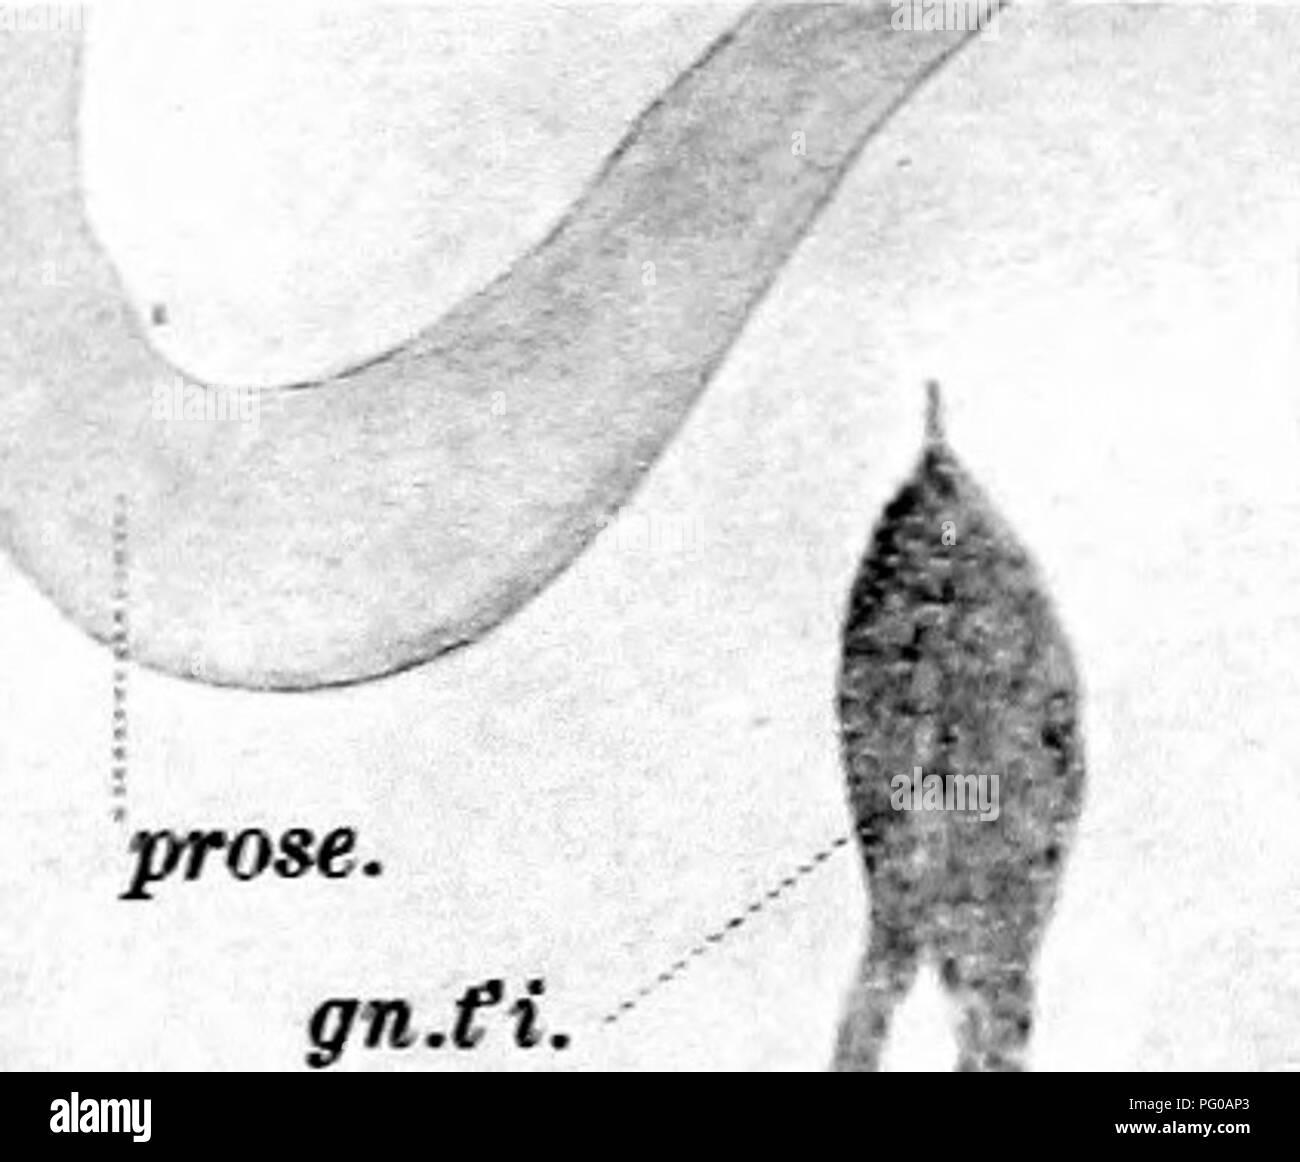 . Le développement de l'nerf oculomoteur, le ganglion ciliaire, et l'abducent nerf dans le poussin. Nerf optique; système nerveux sympathique; oiseaux; la volaille. CA5lPE:- NrEH OCJLCMCTCRIT^^ W'' ..nidl.oc'Mot. ,-/Â ¢ v-_ -cr. Ce f. Â trt.fbr.v. i (^^ 5. II n. odrnot ^^ m'fnrh. rm.opth.trig.^:k pdl.opt. 12 v.crd.a. Remorques 14.zim.KK. rm.opth.trig n.oc^^ 1 mot je rn.<td.a. Je n'7OC.JM)J. 13 Un gn.cO rtn par...i. Â - je rtn par..Ex. EW.G-del 1=^ hElIOTTPE. CO., BOSTON.. Veuillez noter que ces images sont extraites de la page numérisée des images qui peuvent avoir été retouchées numériquement pour plus de lisibilité -. Banque D'Images